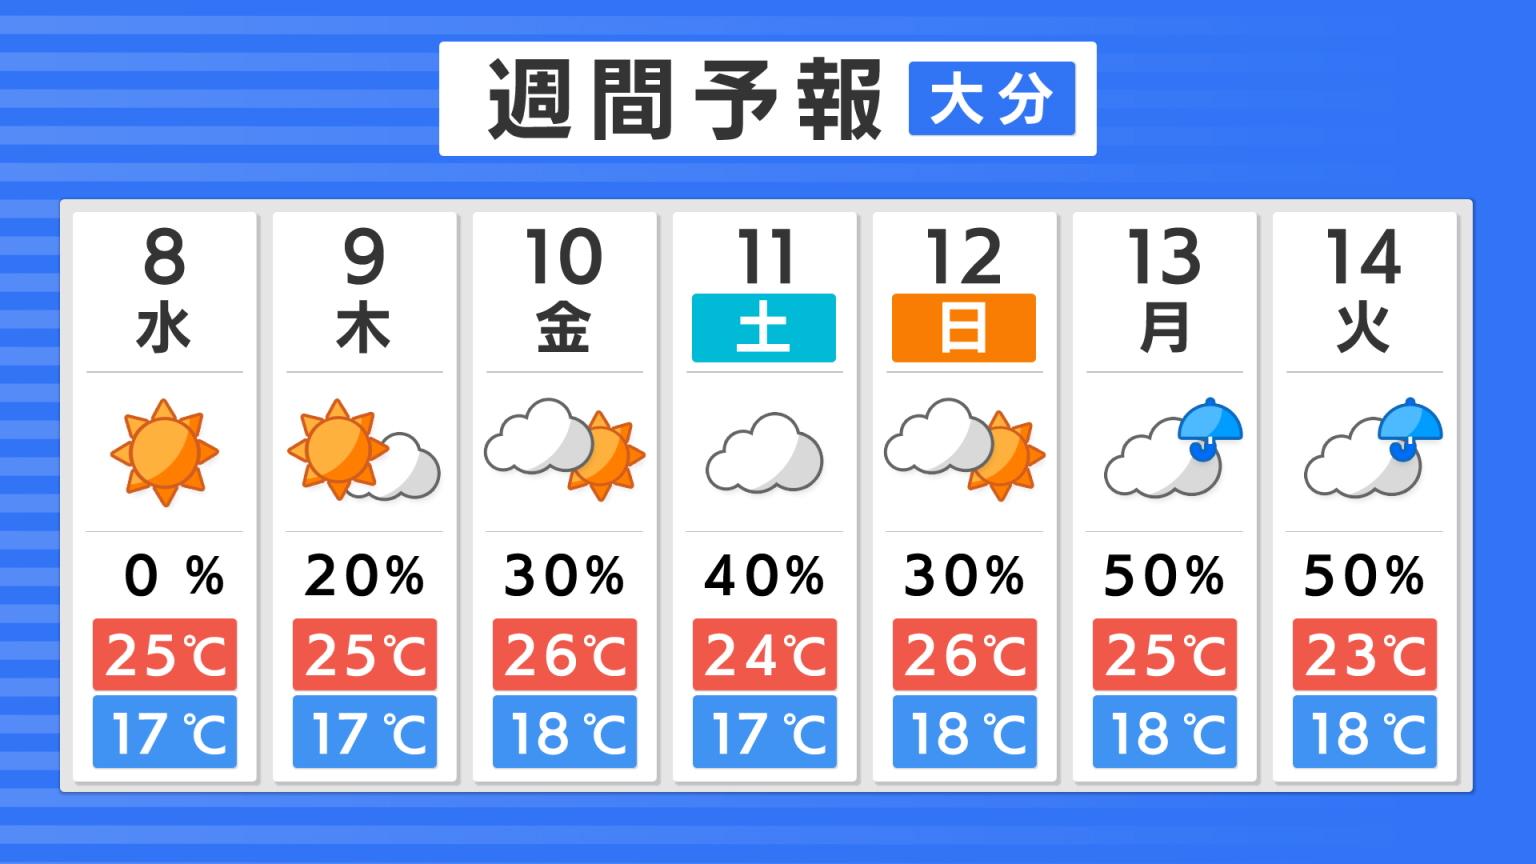 大分の週間天気※1日1回 11:00頃 更新します。